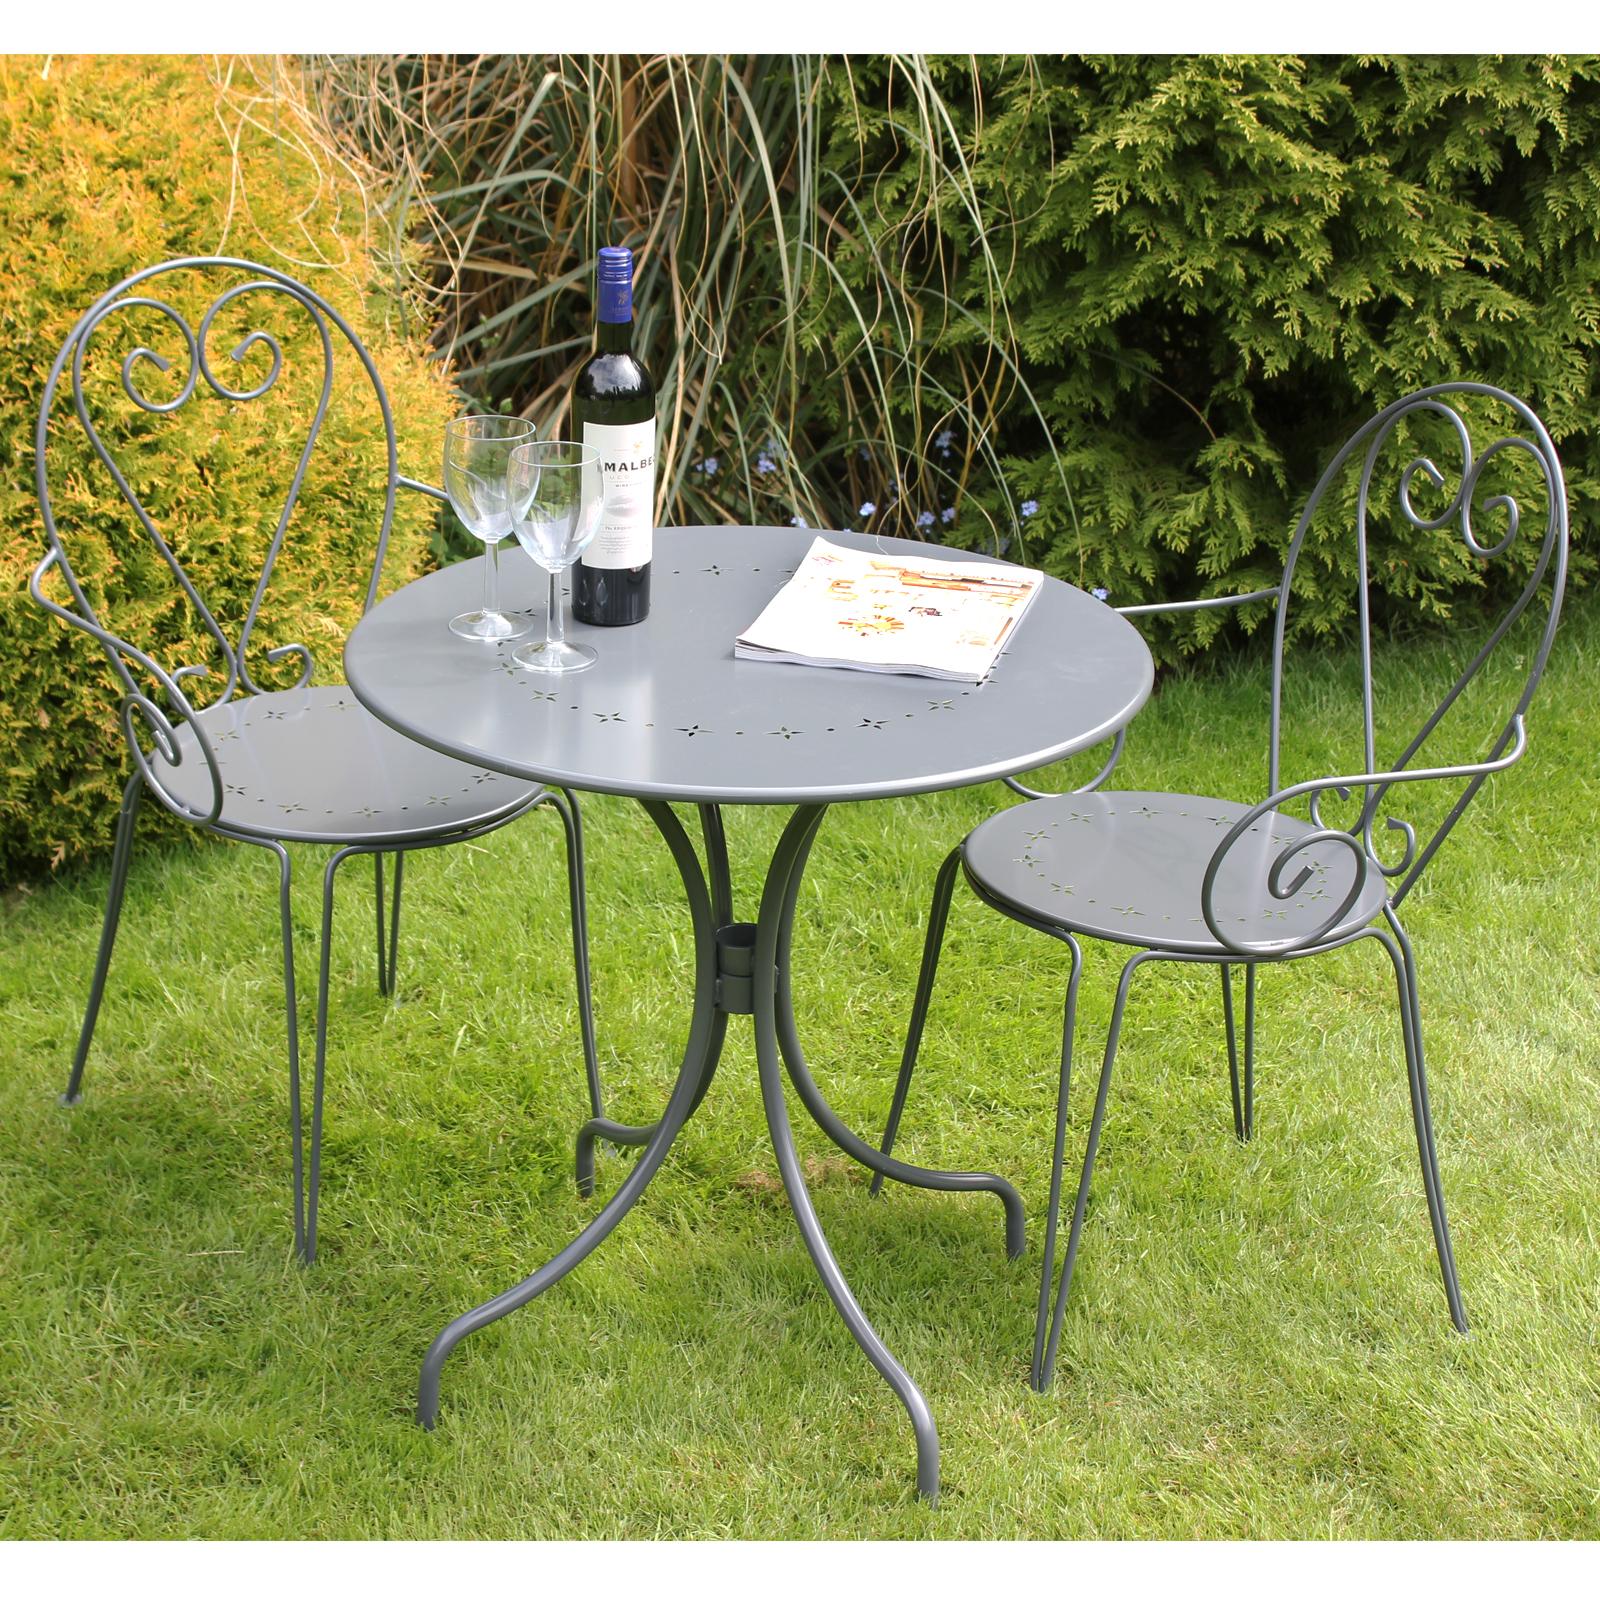 charles bentley bistro gartenm bel aus stahl tisch 2 st hle shabby chic ebay. Black Bedroom Furniture Sets. Home Design Ideas